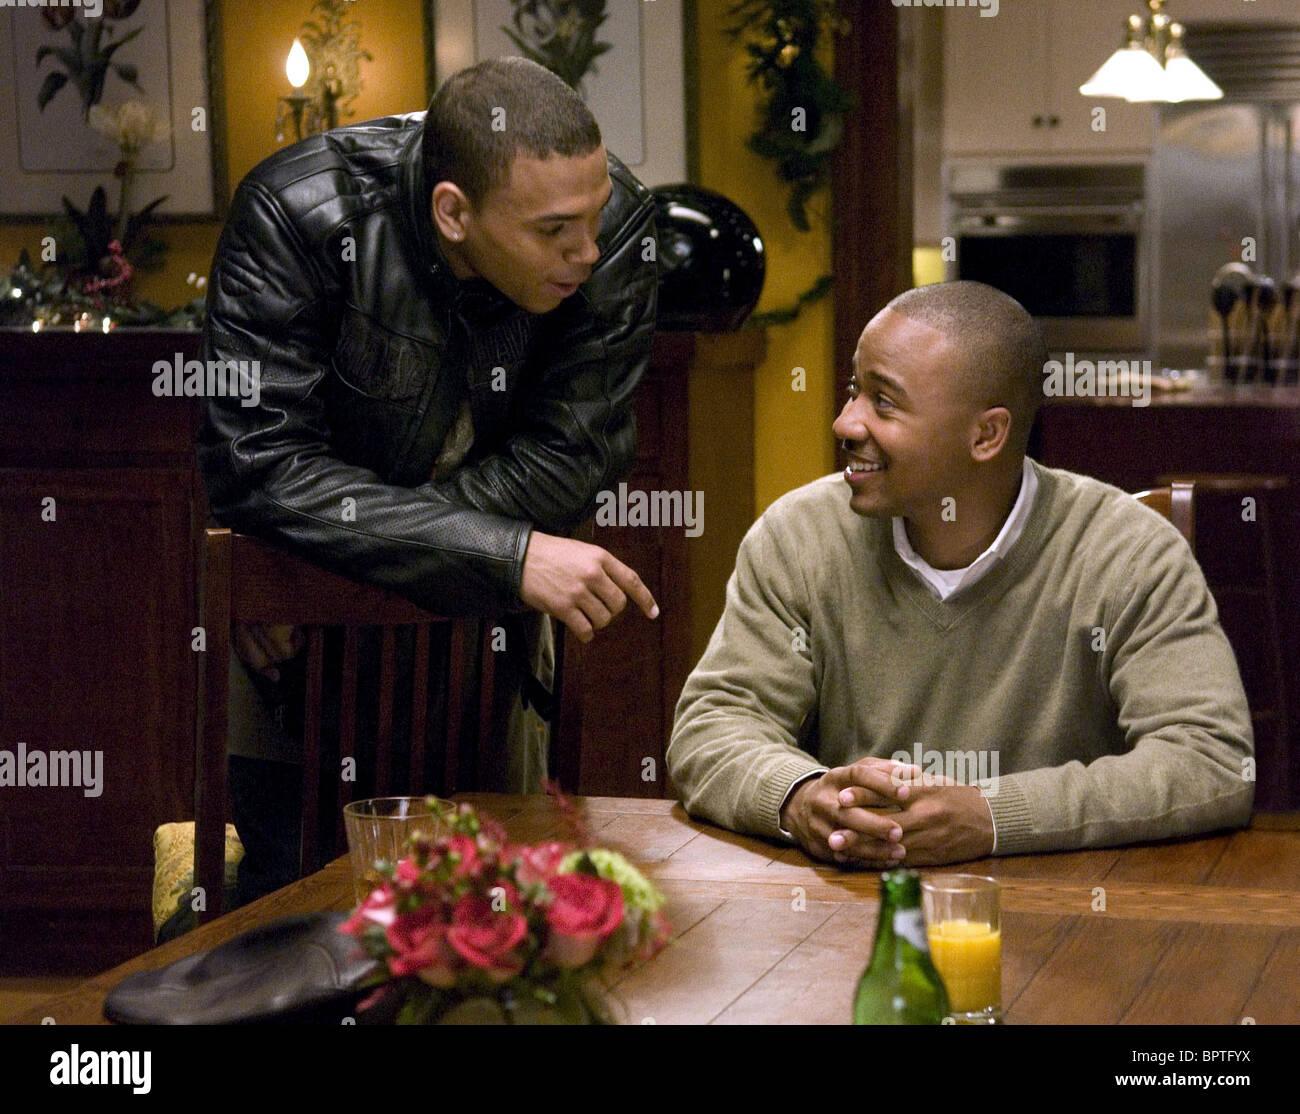 Chris Brown This Christmas.Chris Brown Columbus Short This Christmas 2007 Stock